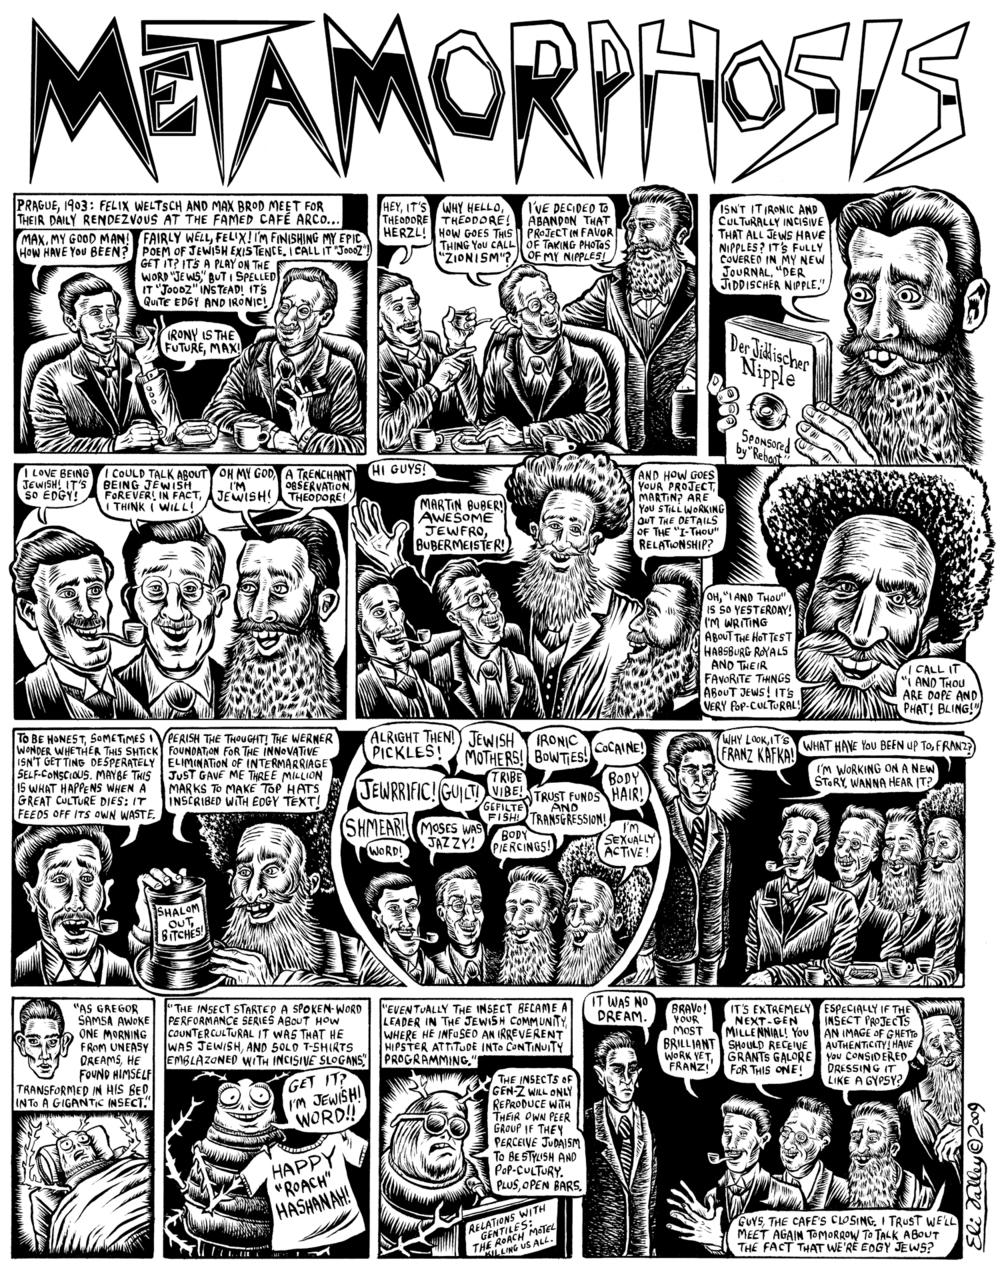 Metamorphosis: Hipster Herzls. The Forward, 11/25/09